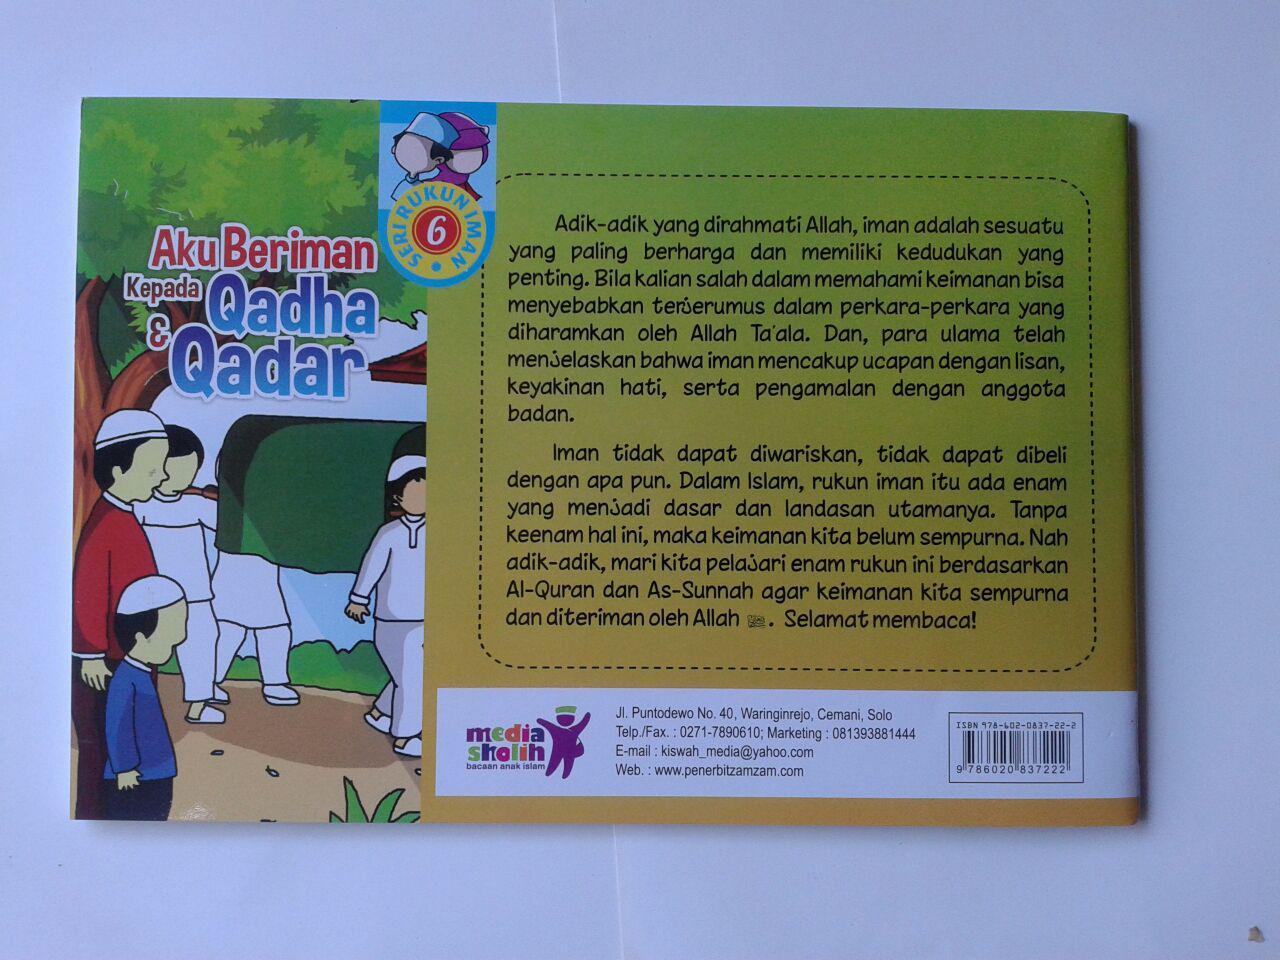 Buku Anak Aku Beriman Kepada Qadha Dan Qadar cover 2